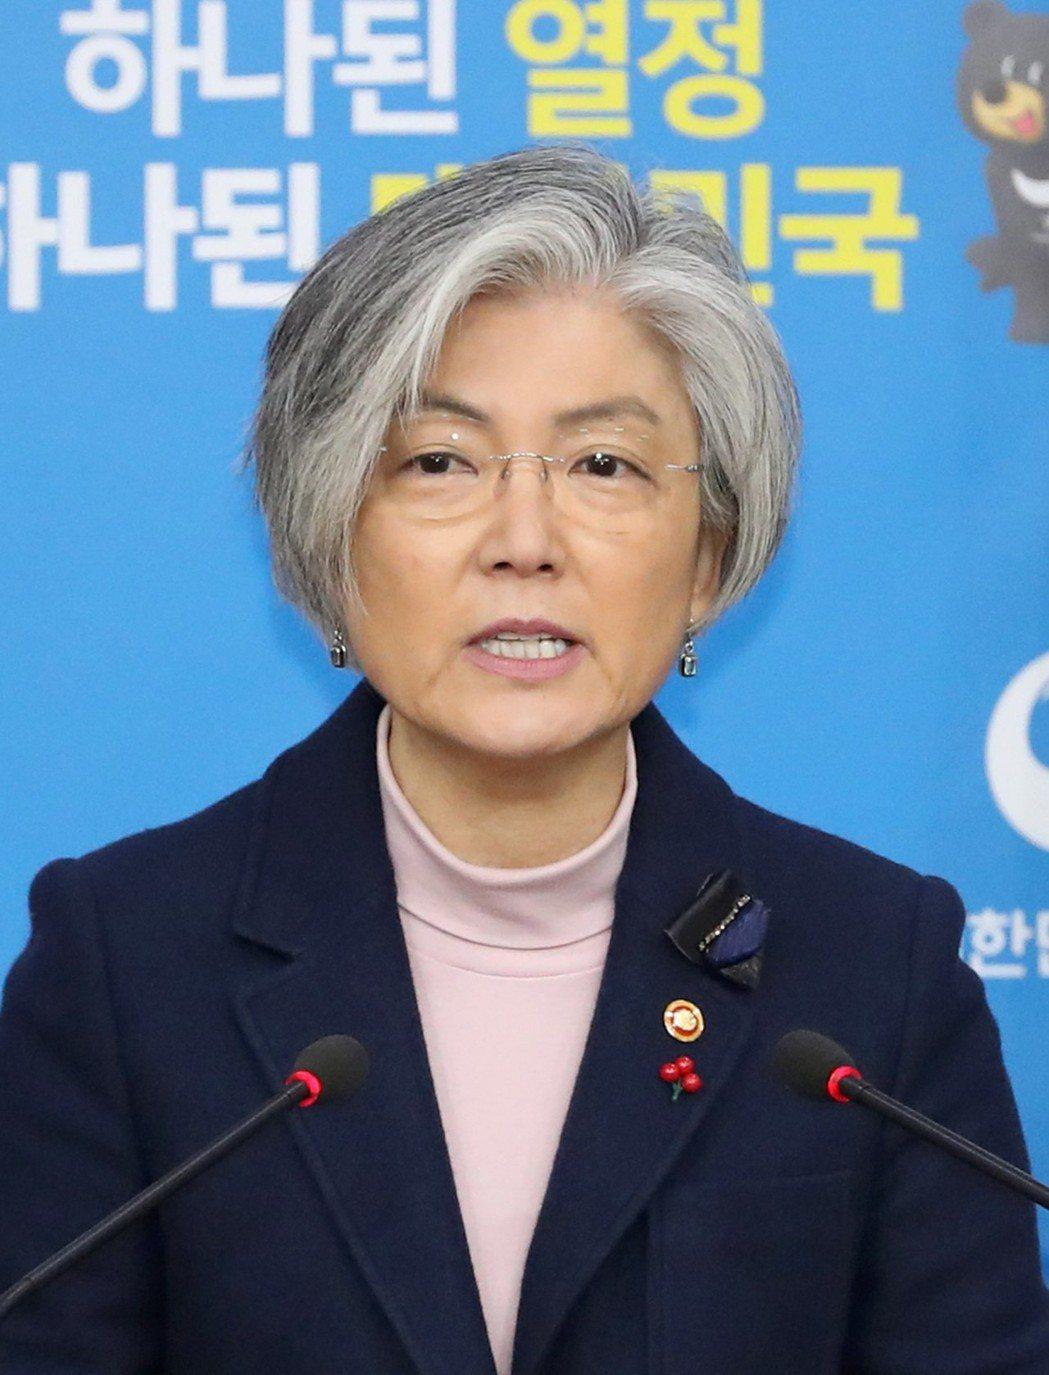 韓日協議未解慰安婦爭議 南韓外長致歉